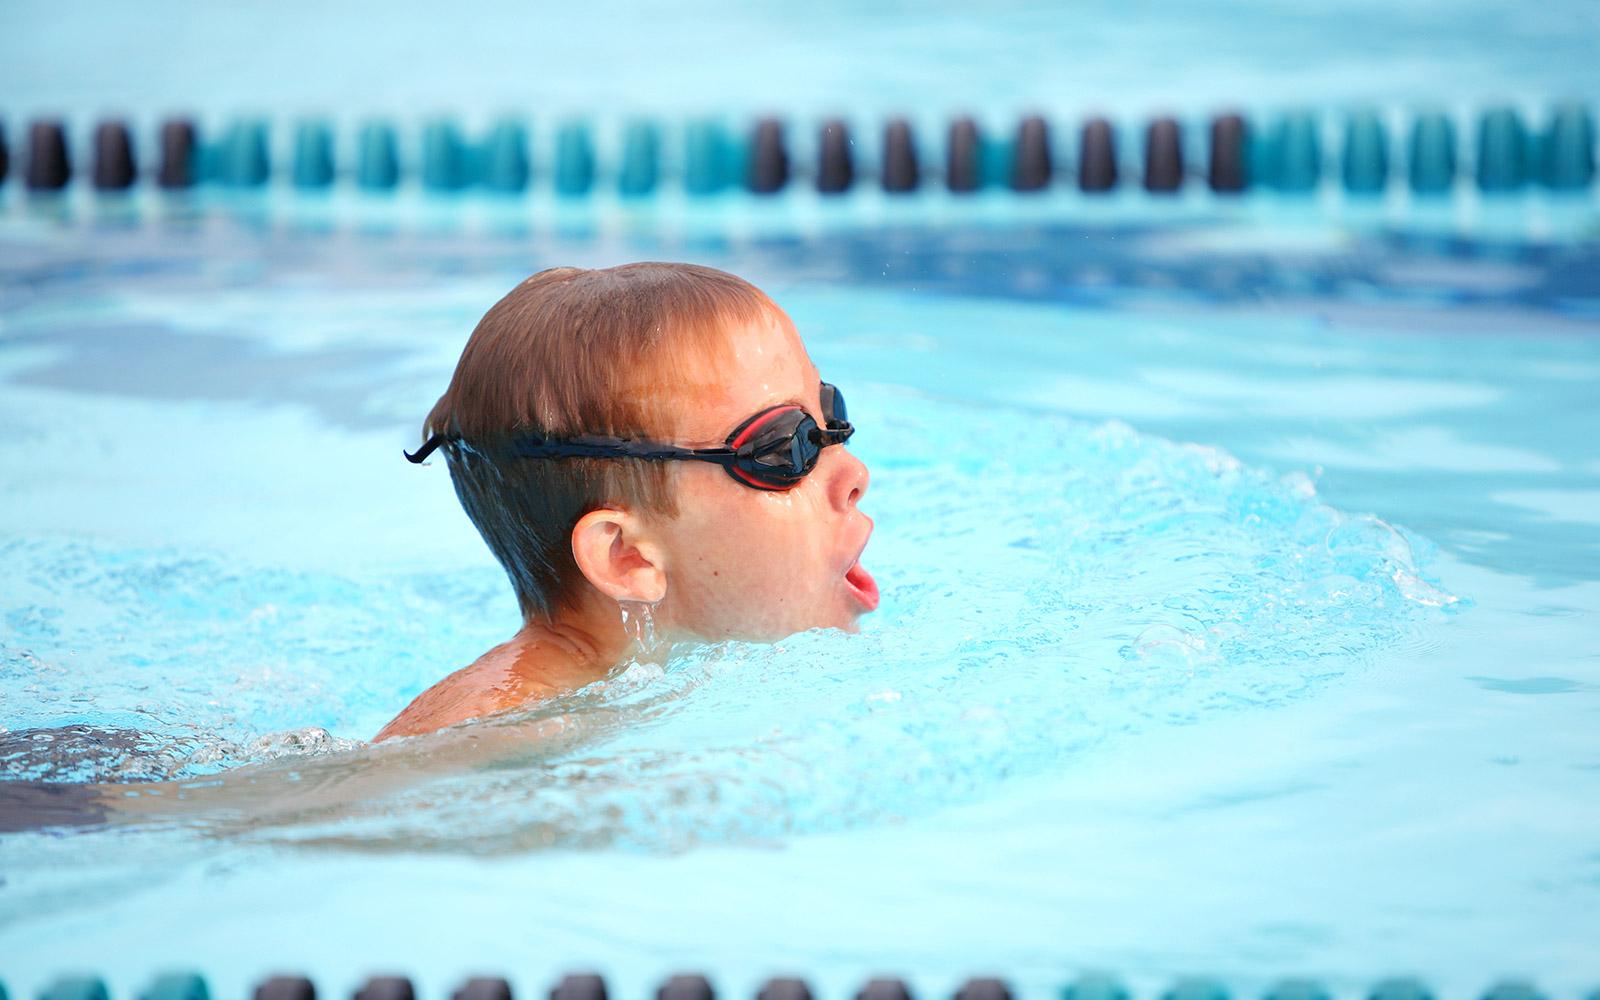 Ago zwembad